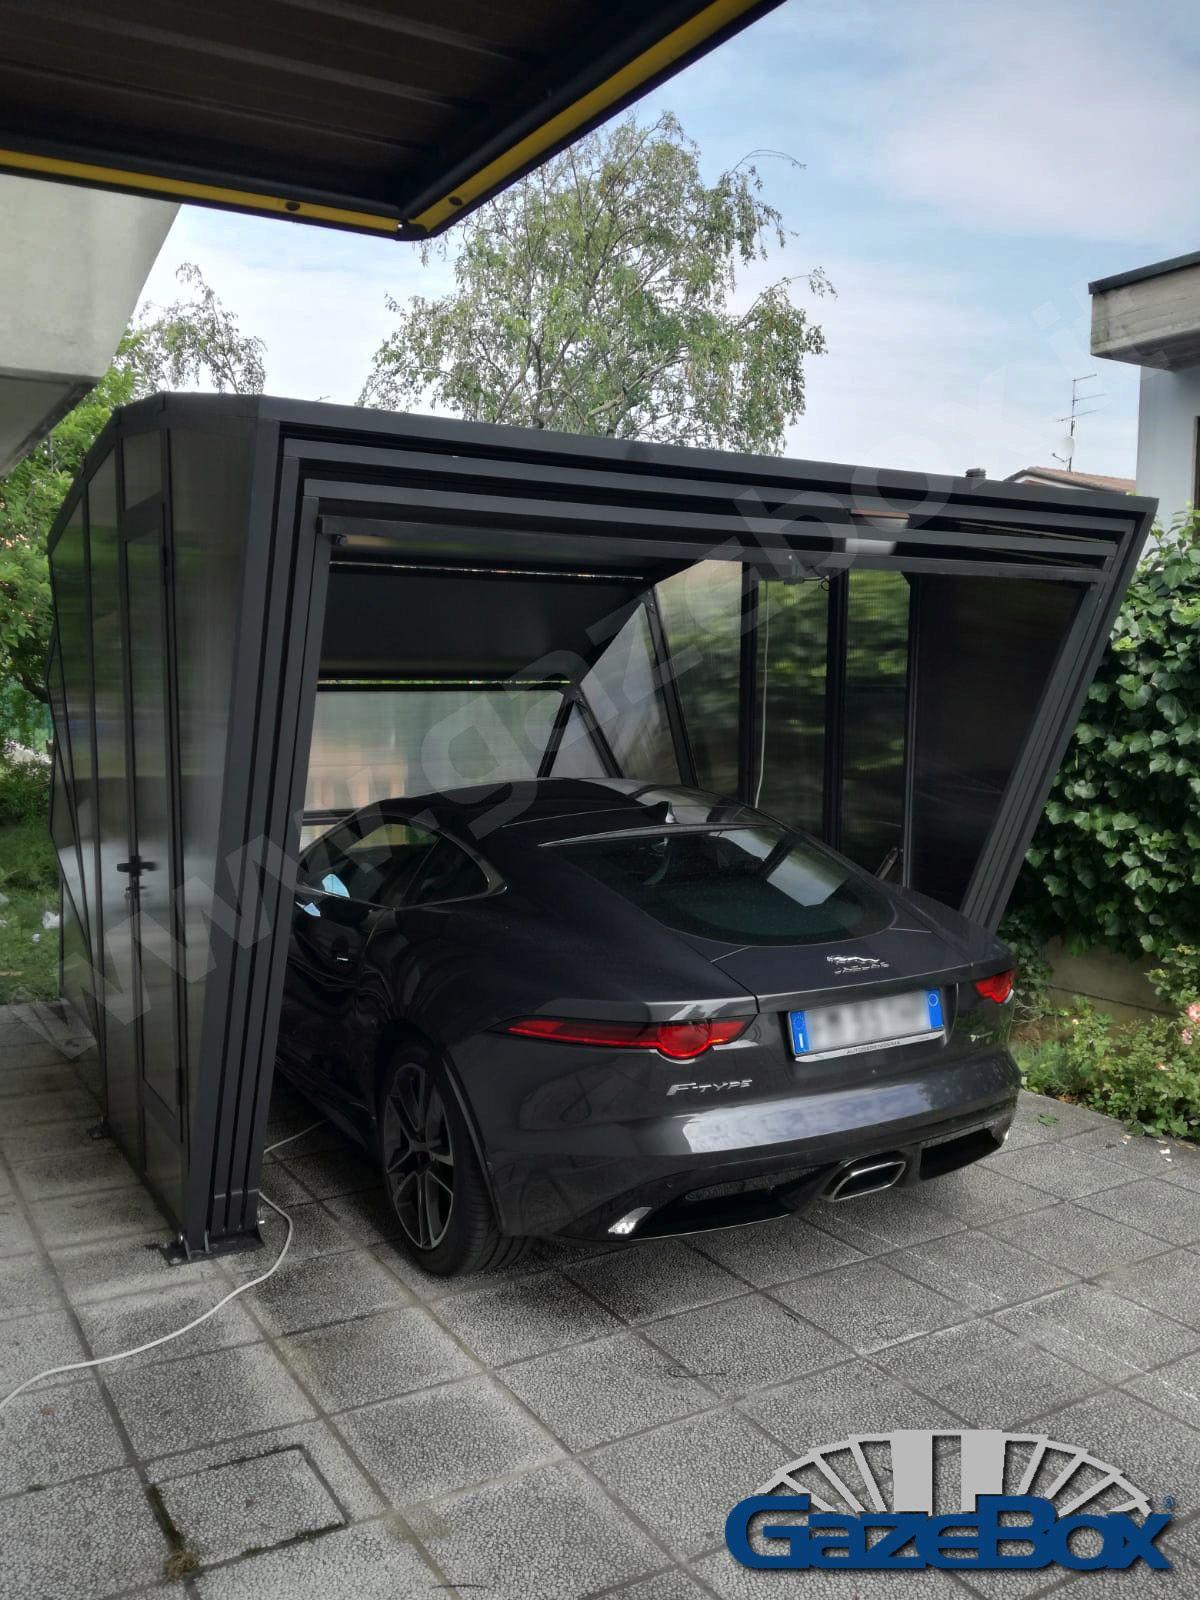 Gazebox Premium And Jaguar What Do You Think Do They Make A Good